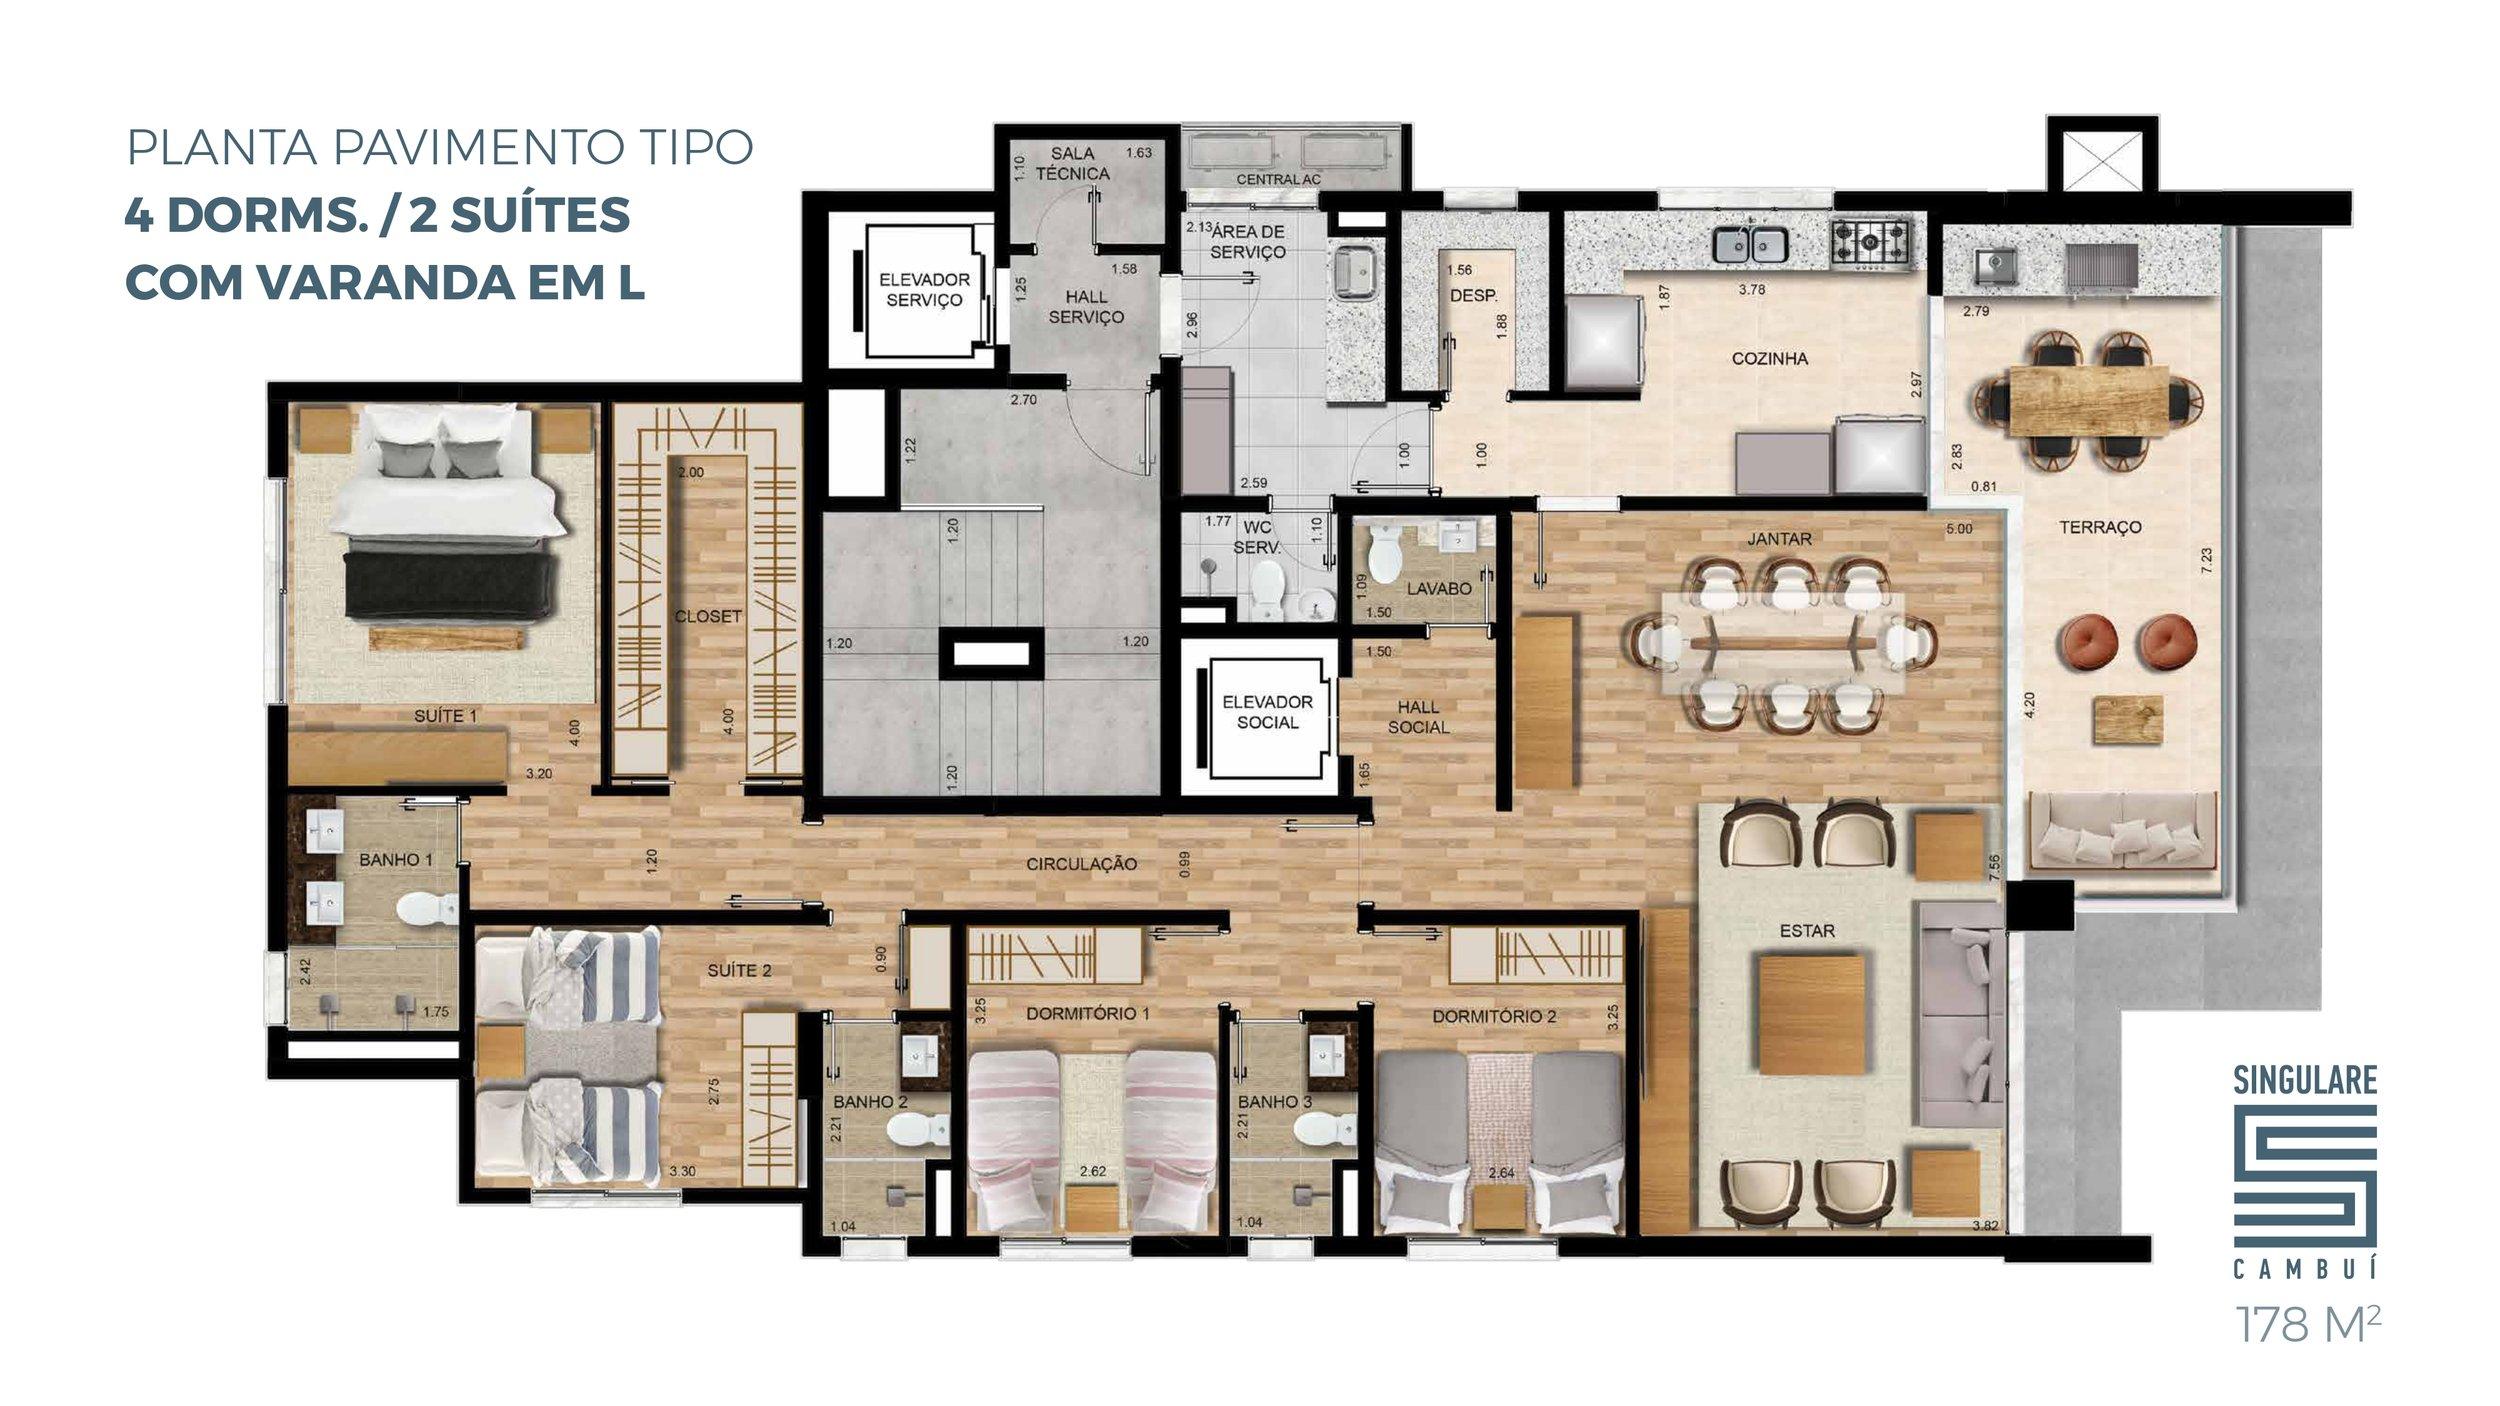 planta 4 dorm 2 suites - varanda L.jpg